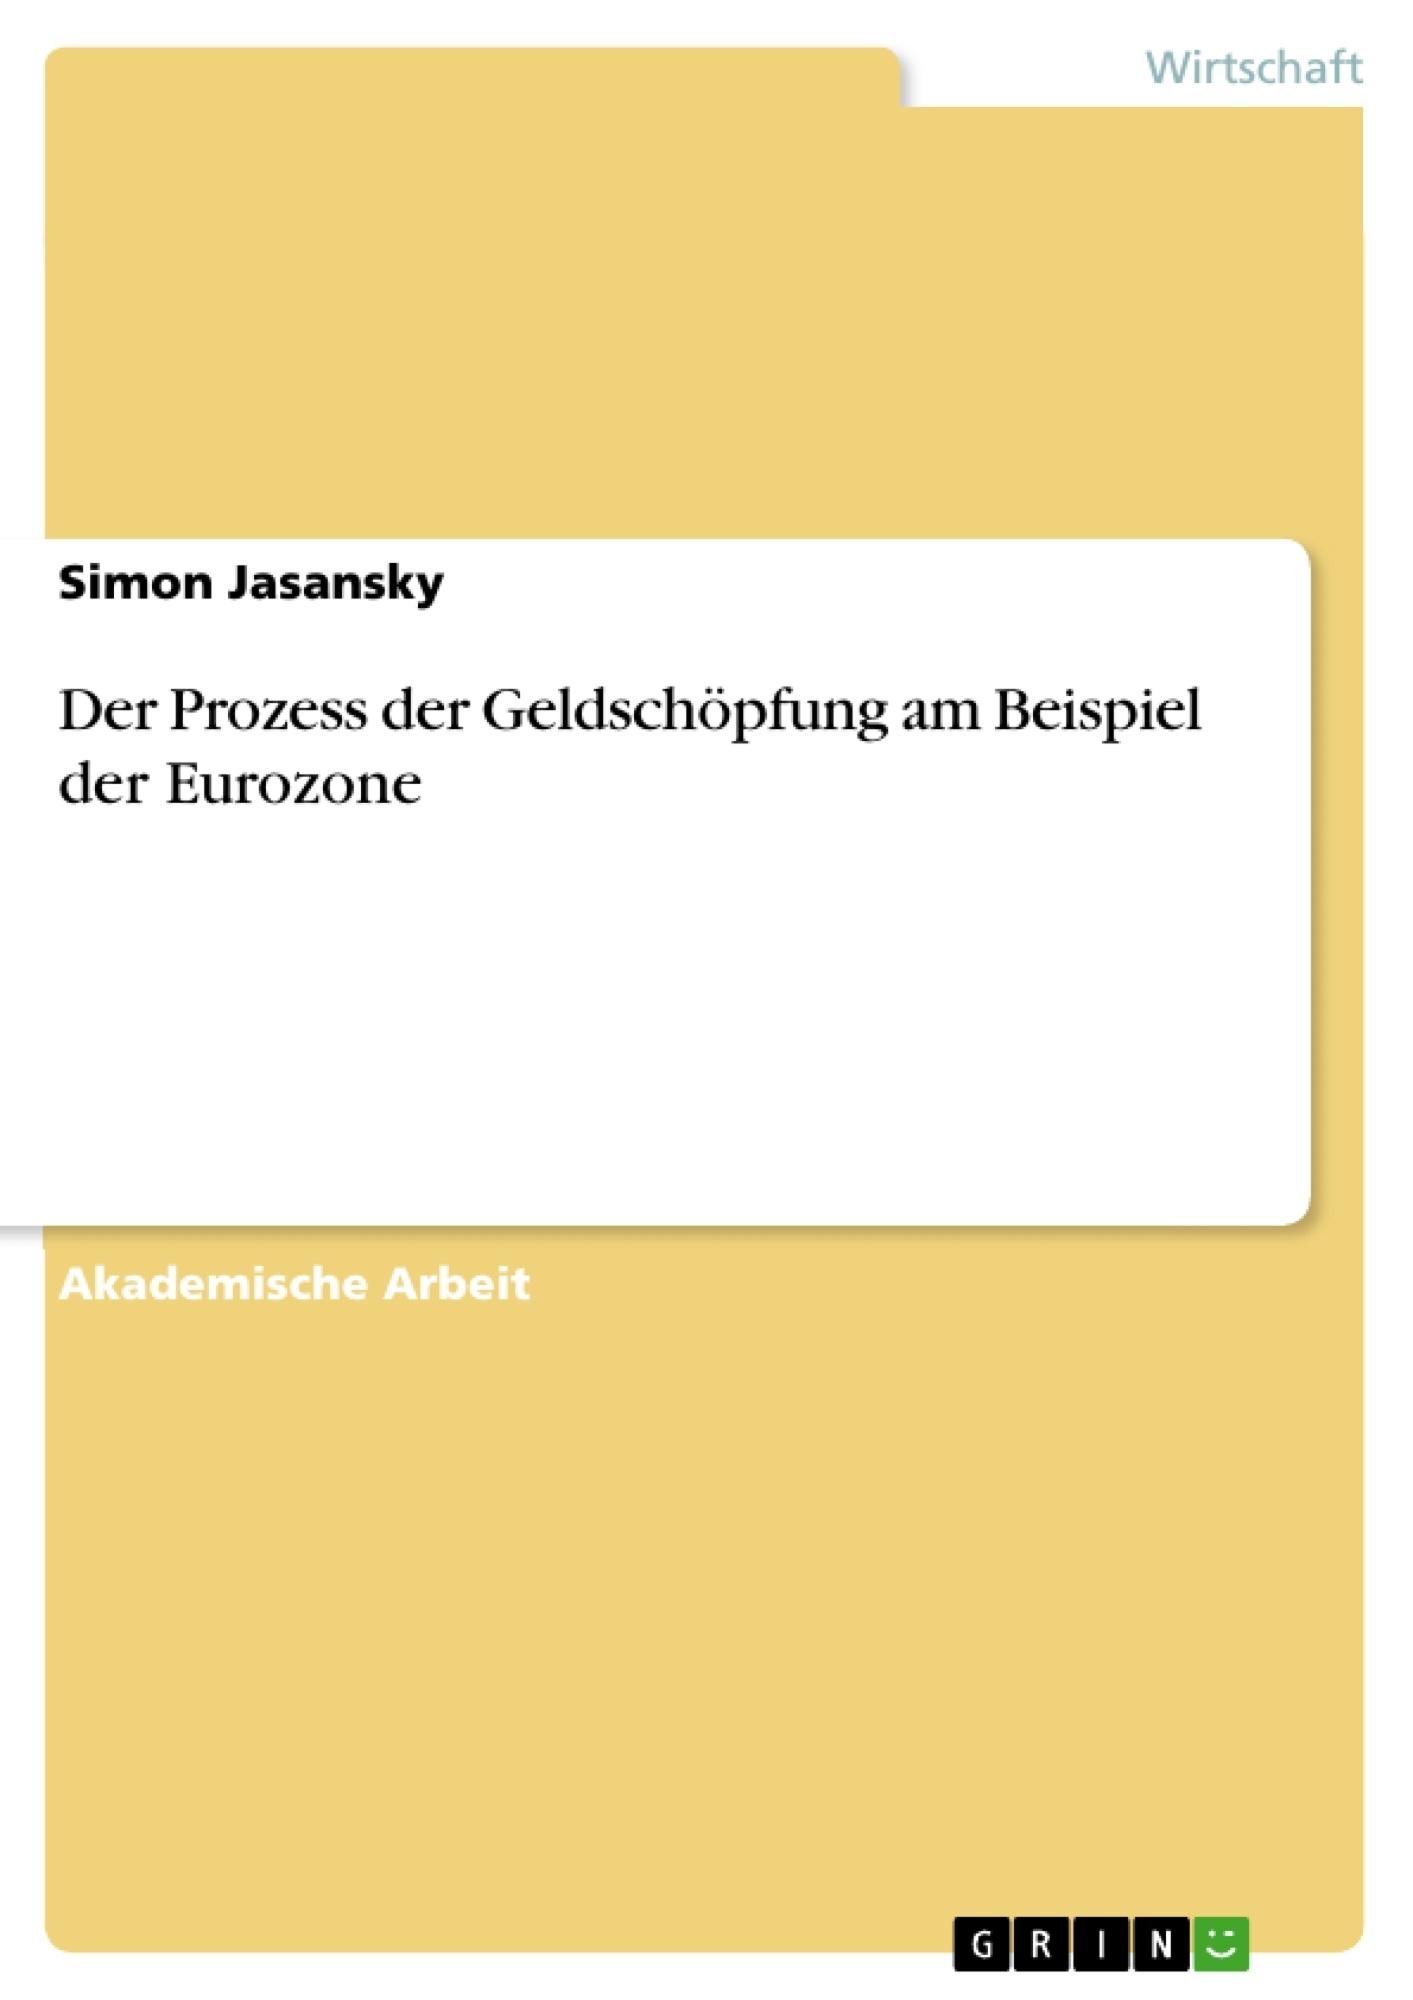 Titel: Der Prozess der Geldschöpfung am Beispiel der Eurozone